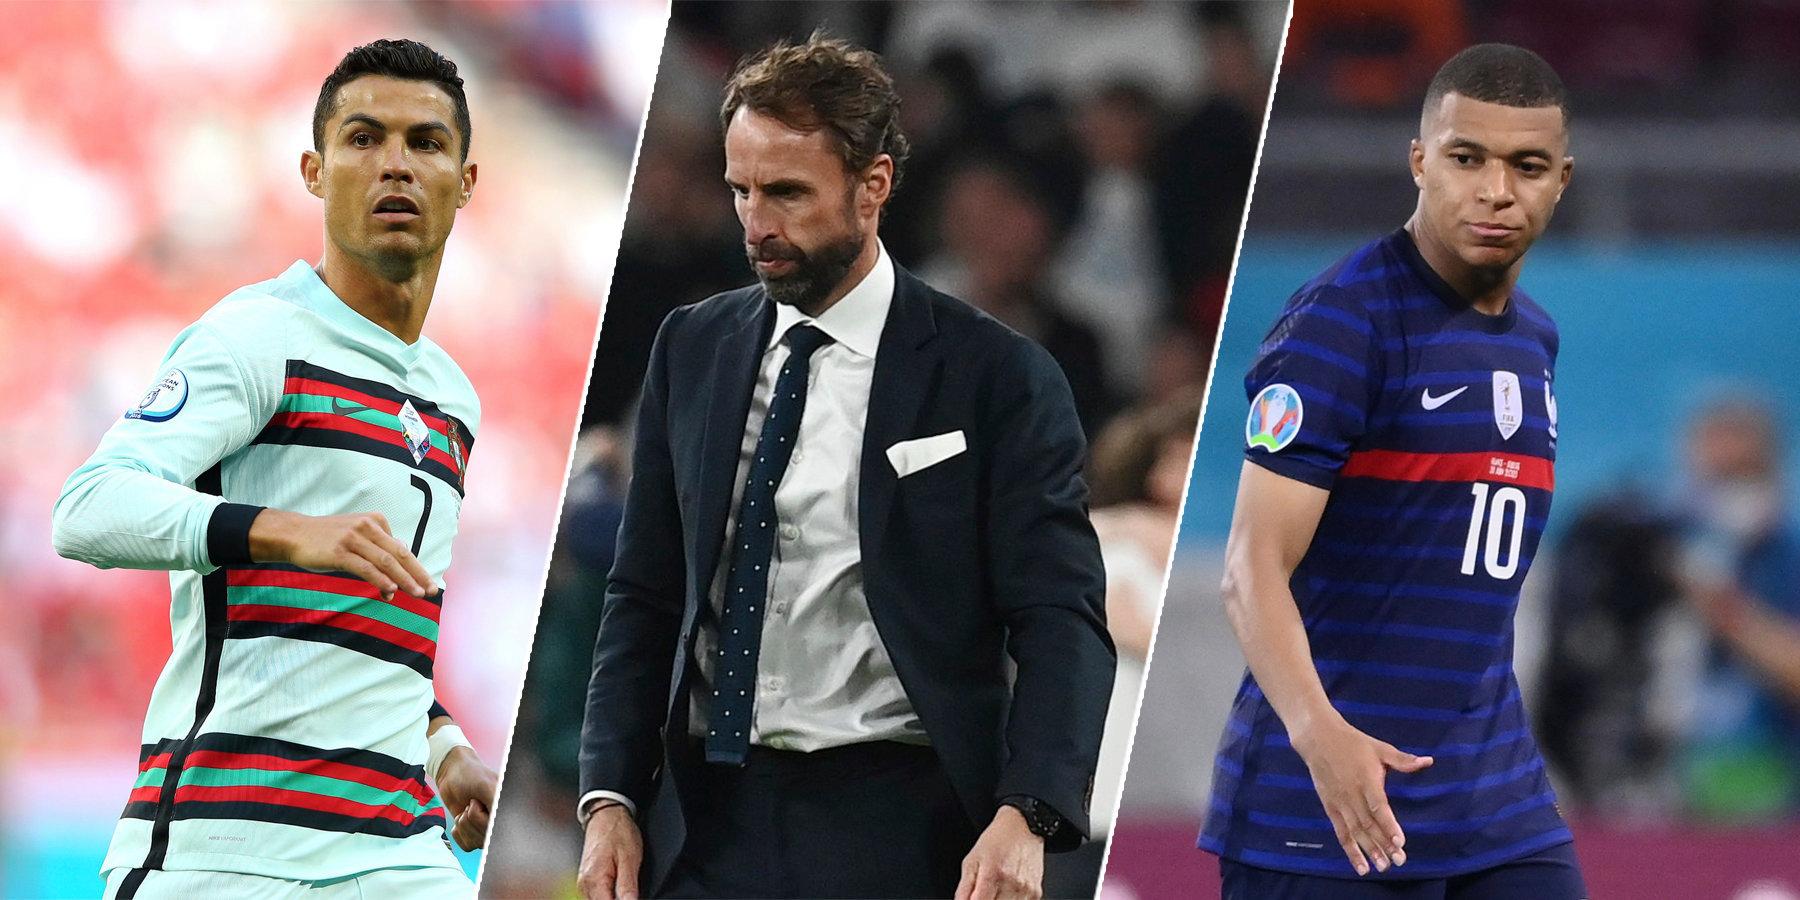 Бывшие чемпионы, трусливый Саутгейт, пижон Мбаппе… Главные разочарования Евро-2020